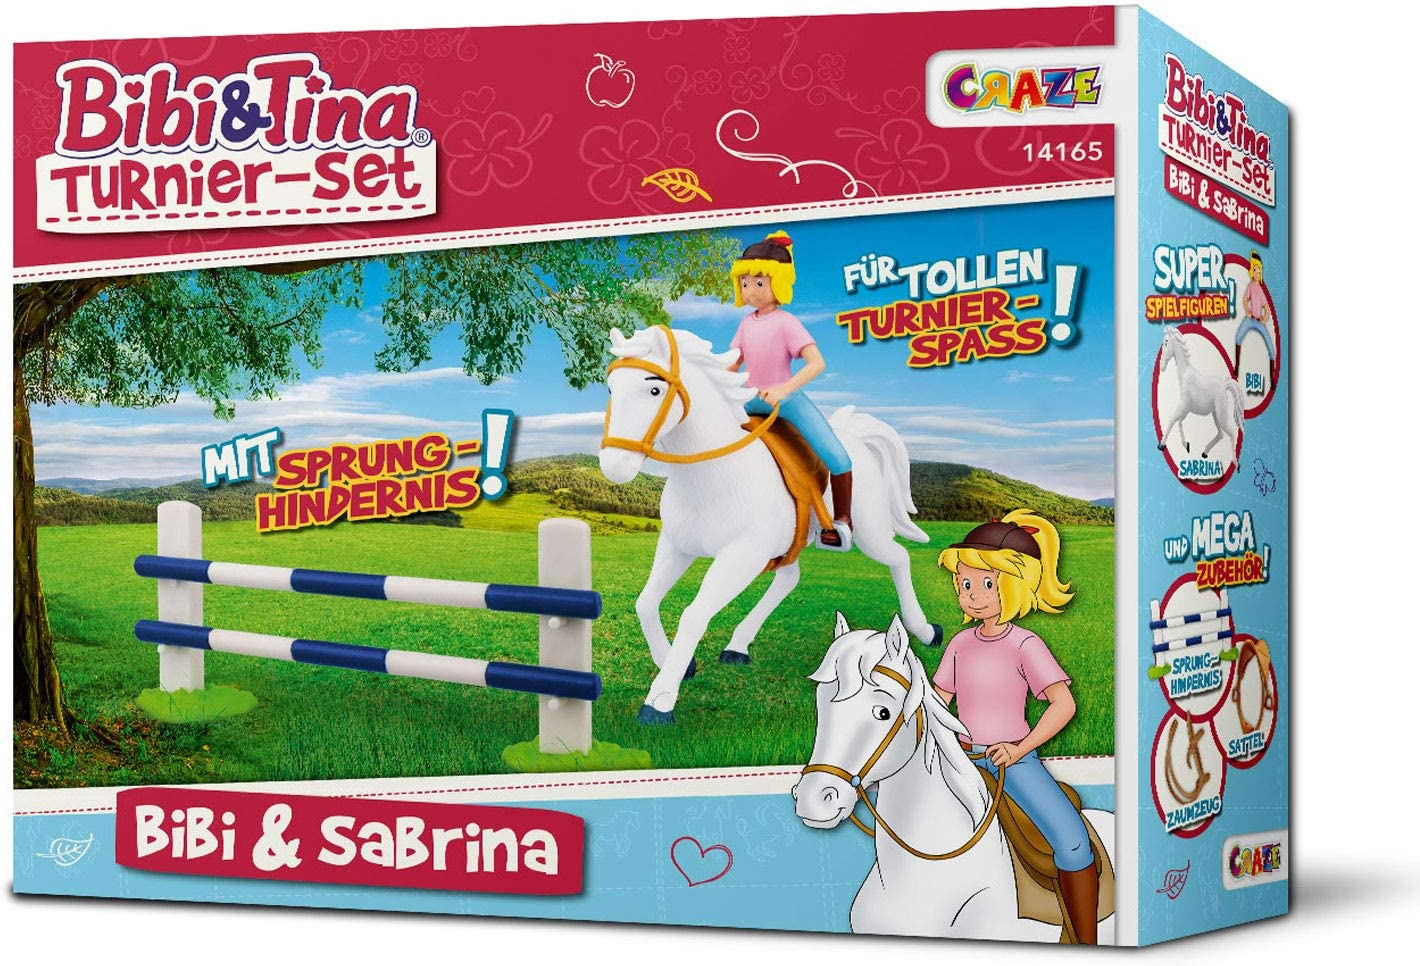 CRAZE- Turnier-Set-Bibi & Sabrina Tina Bibi & Tina Torneo Establecido con el Jinete Bibi y Sabrina Incl. Accesorios de equitación Figuras de Juguete coleccionables 14165, Individual, Multicolo